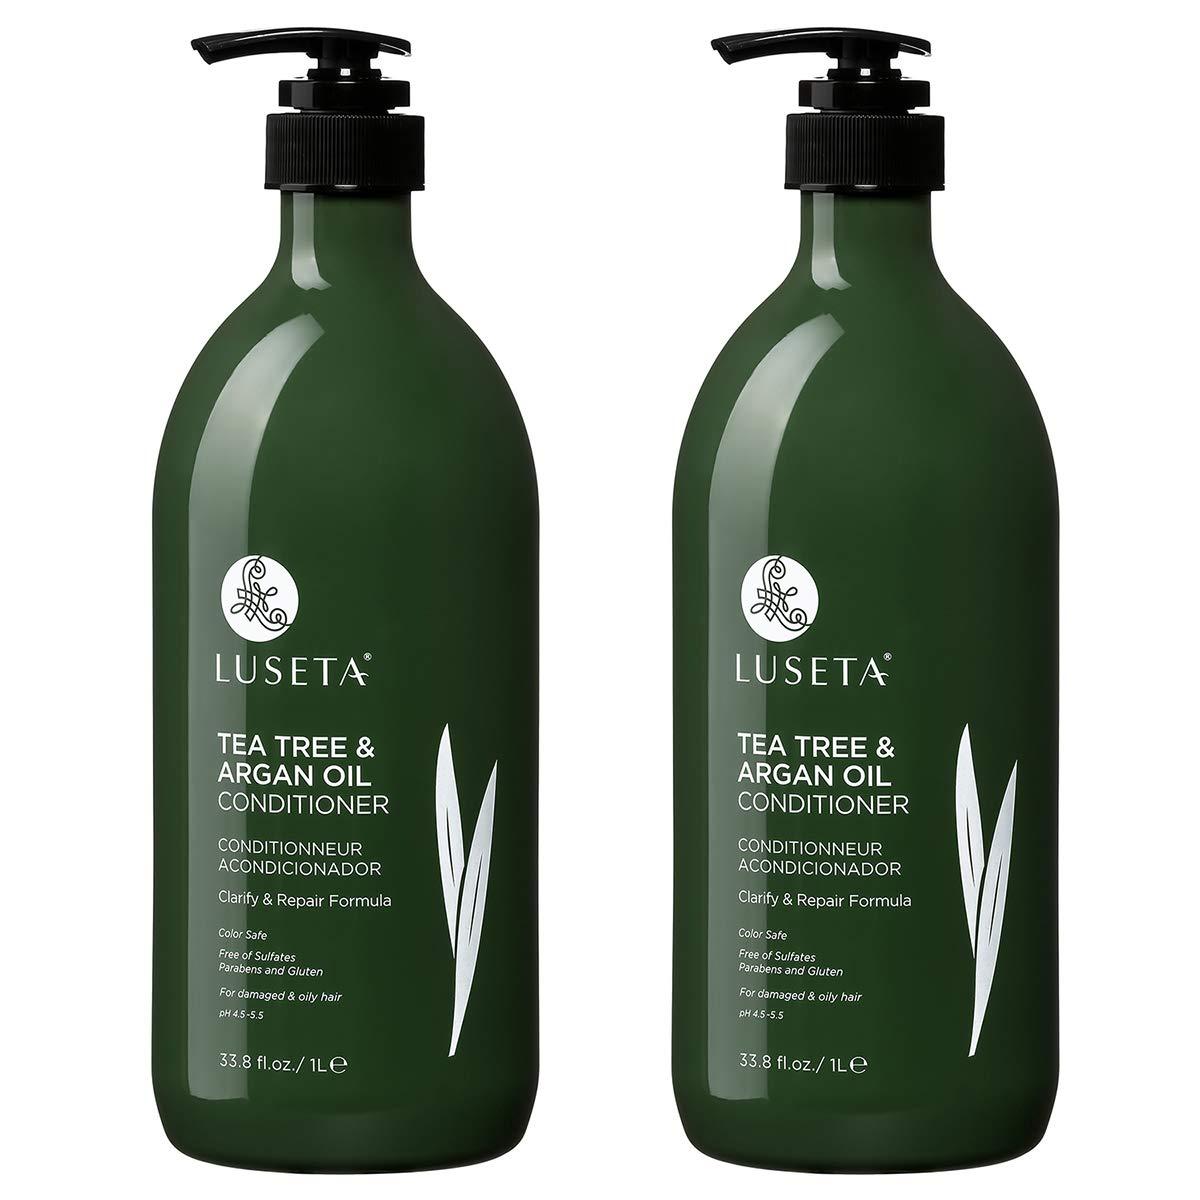 Luseta Tea Tree & Argan Oil Detangling Shampoo & Conditioner Set, 2 x 33.8 Oz by L LUSETA